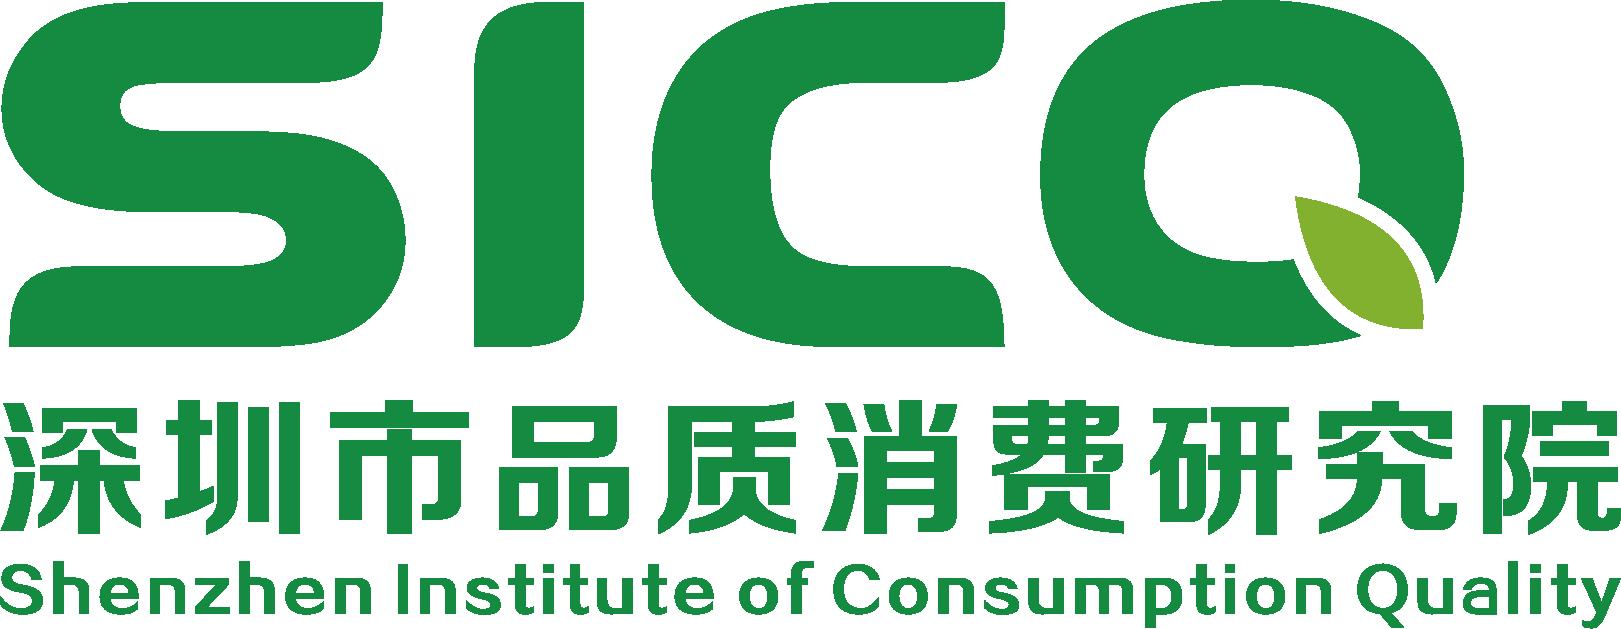 深圳市品质消费研究院–好品质发现者